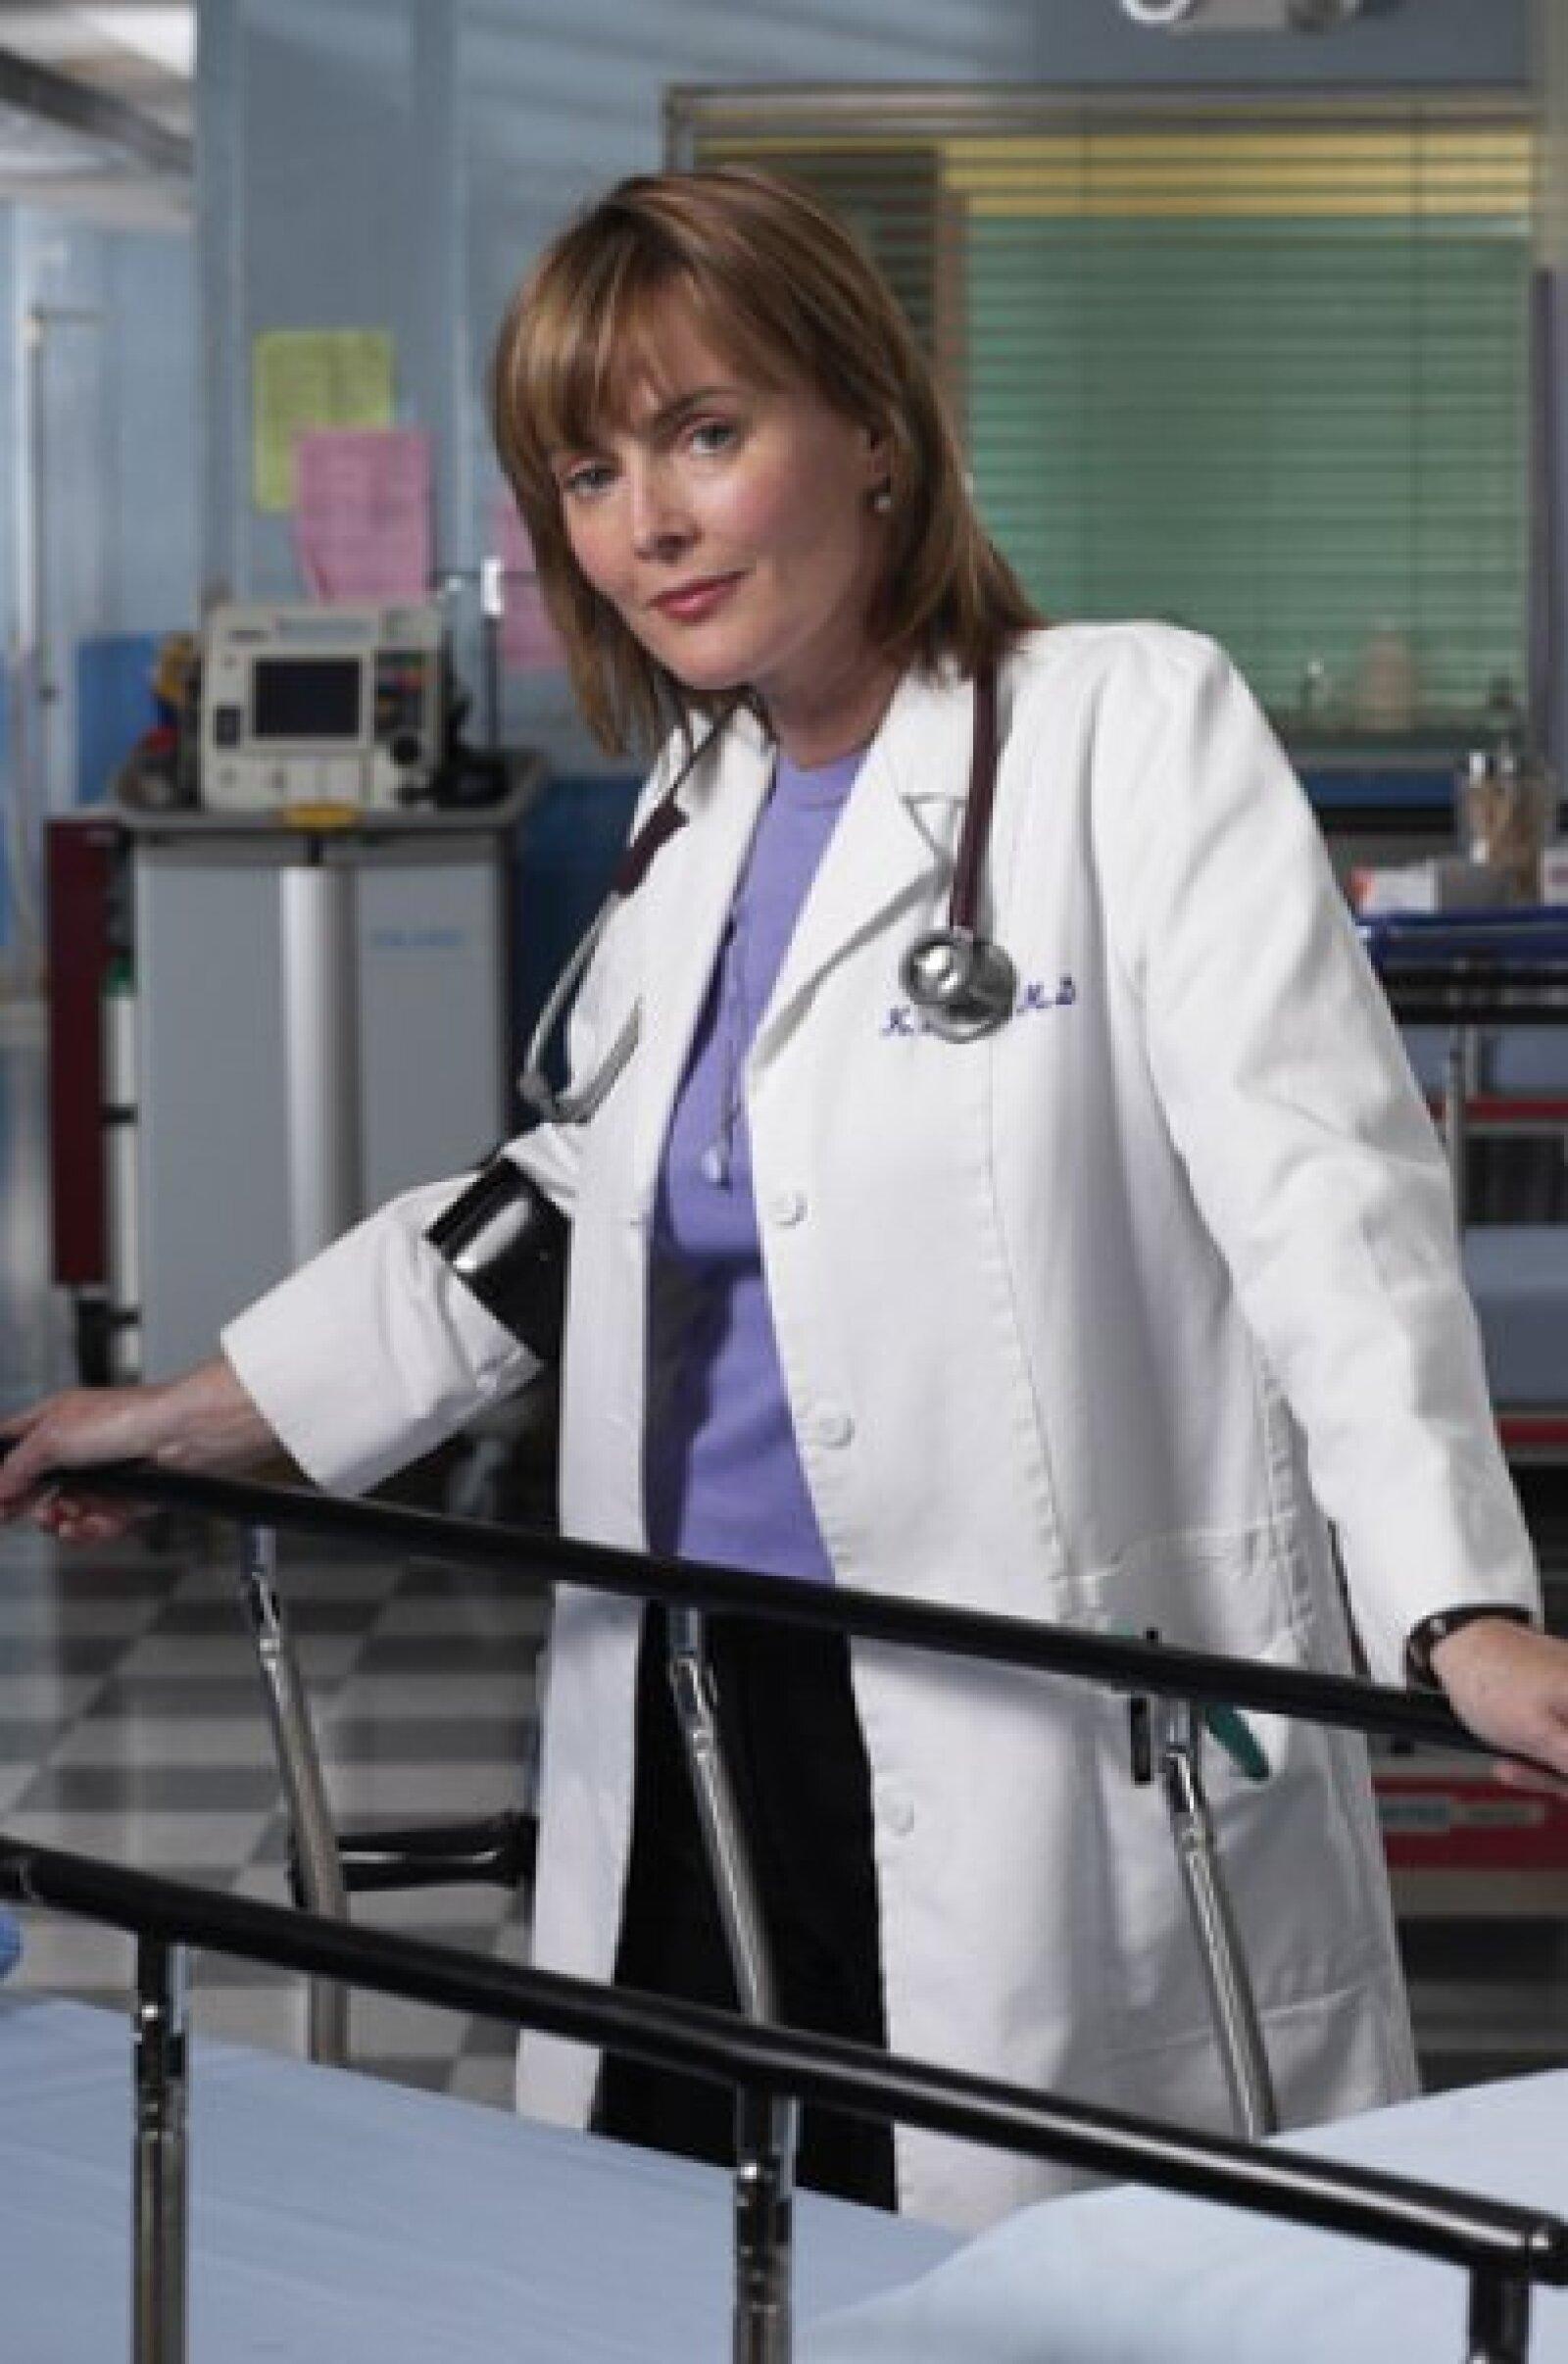 En otoño de 1995, Laura Innes se unió al exitoso drama médico de la NBC en su segunda temporada, donde interpretaba a la Dra. Kerry Weaver. En 2001, el personaje, que tenía una discapacidad física, salió del armario.